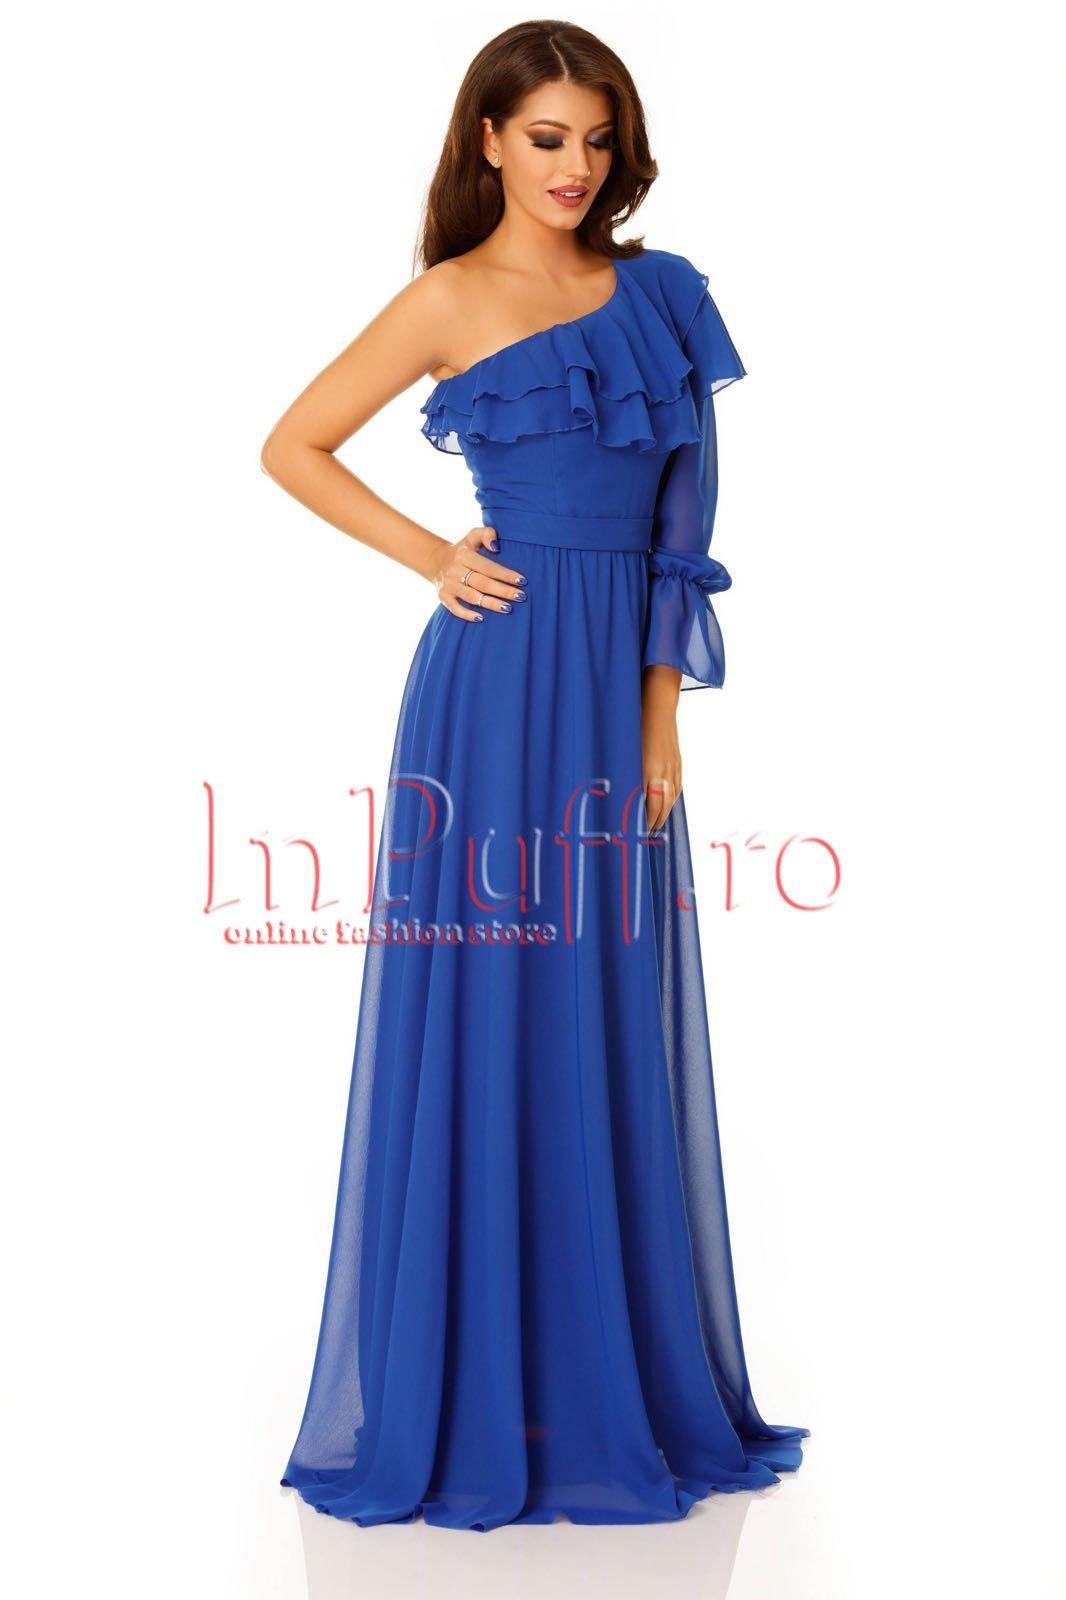 Rochie De Seara Lunga Albastra Din Voal Rochii Dama Fashion Sales